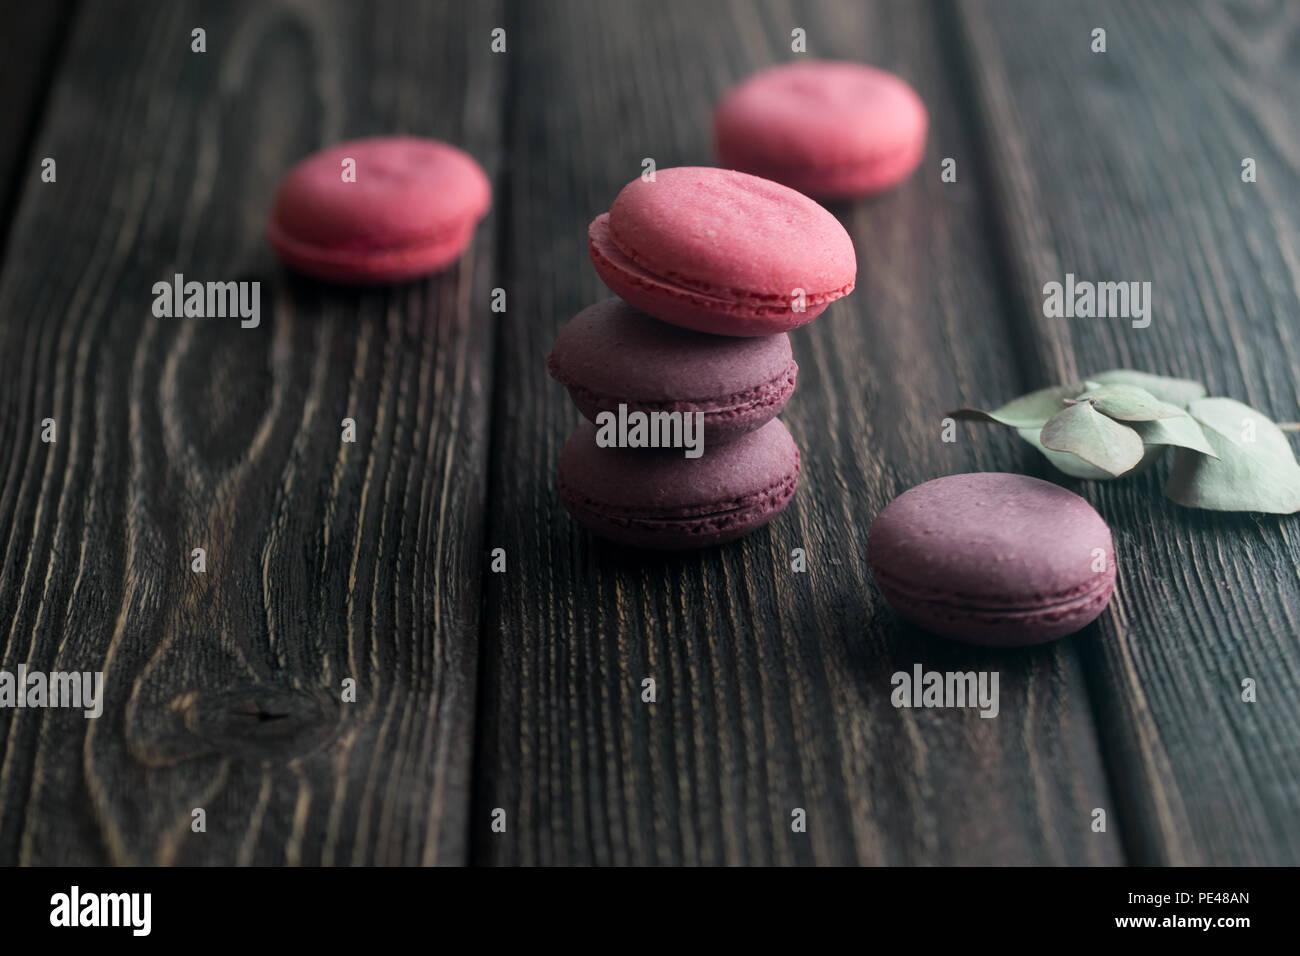 Grupo de macarons de fresas, crema, chocolate y arándanos. Foto de estilo rústico. Tonificado. Imagen De Stock